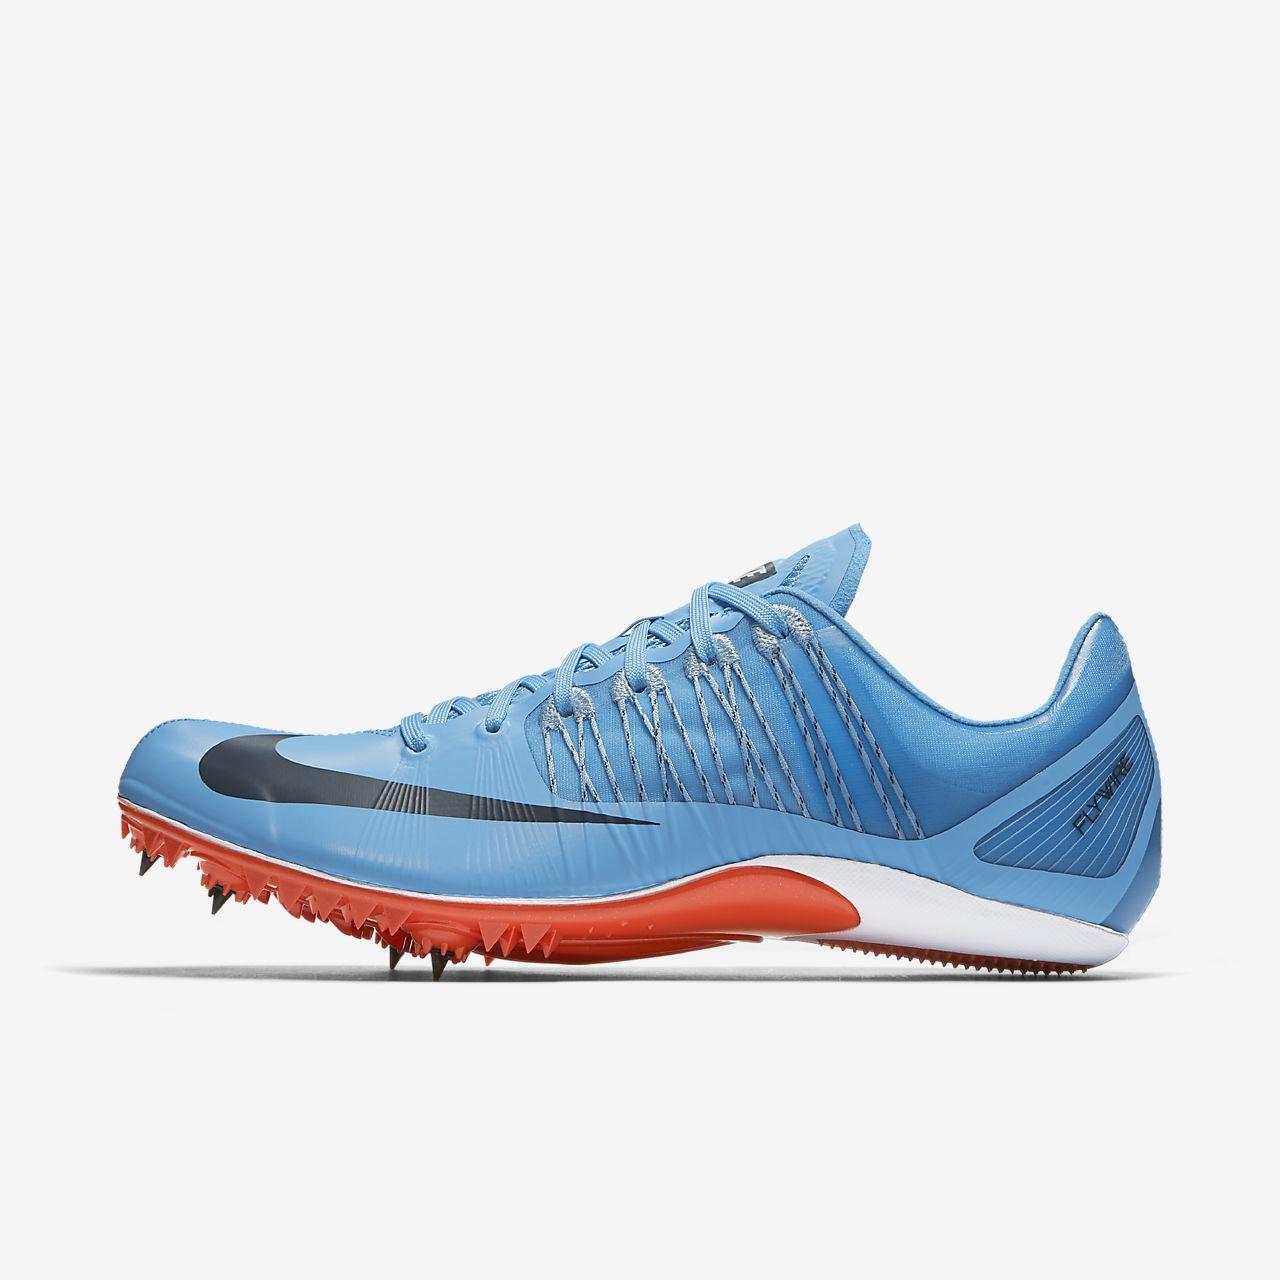 8c4aeb73fedcb5 Nike Bowerman Series Track Spikes - Track